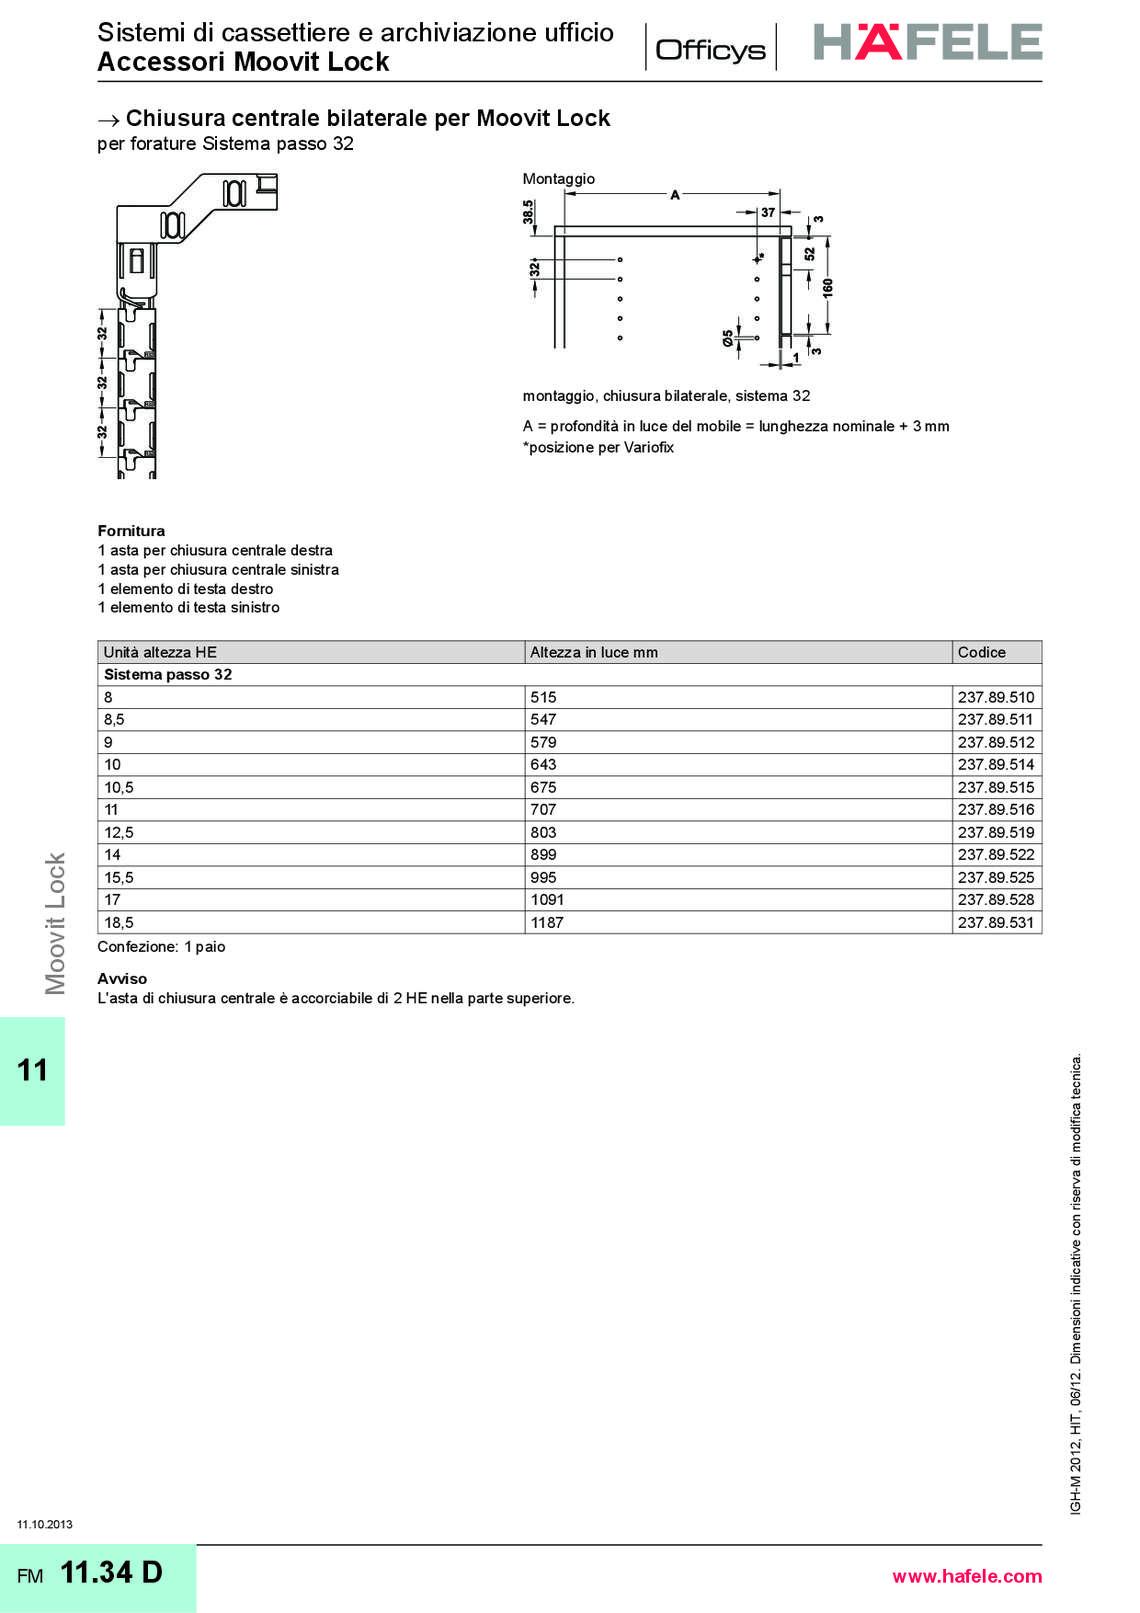 Catalogo hafele sistemi per ufficio di h fele italia for Catalogo di mobili